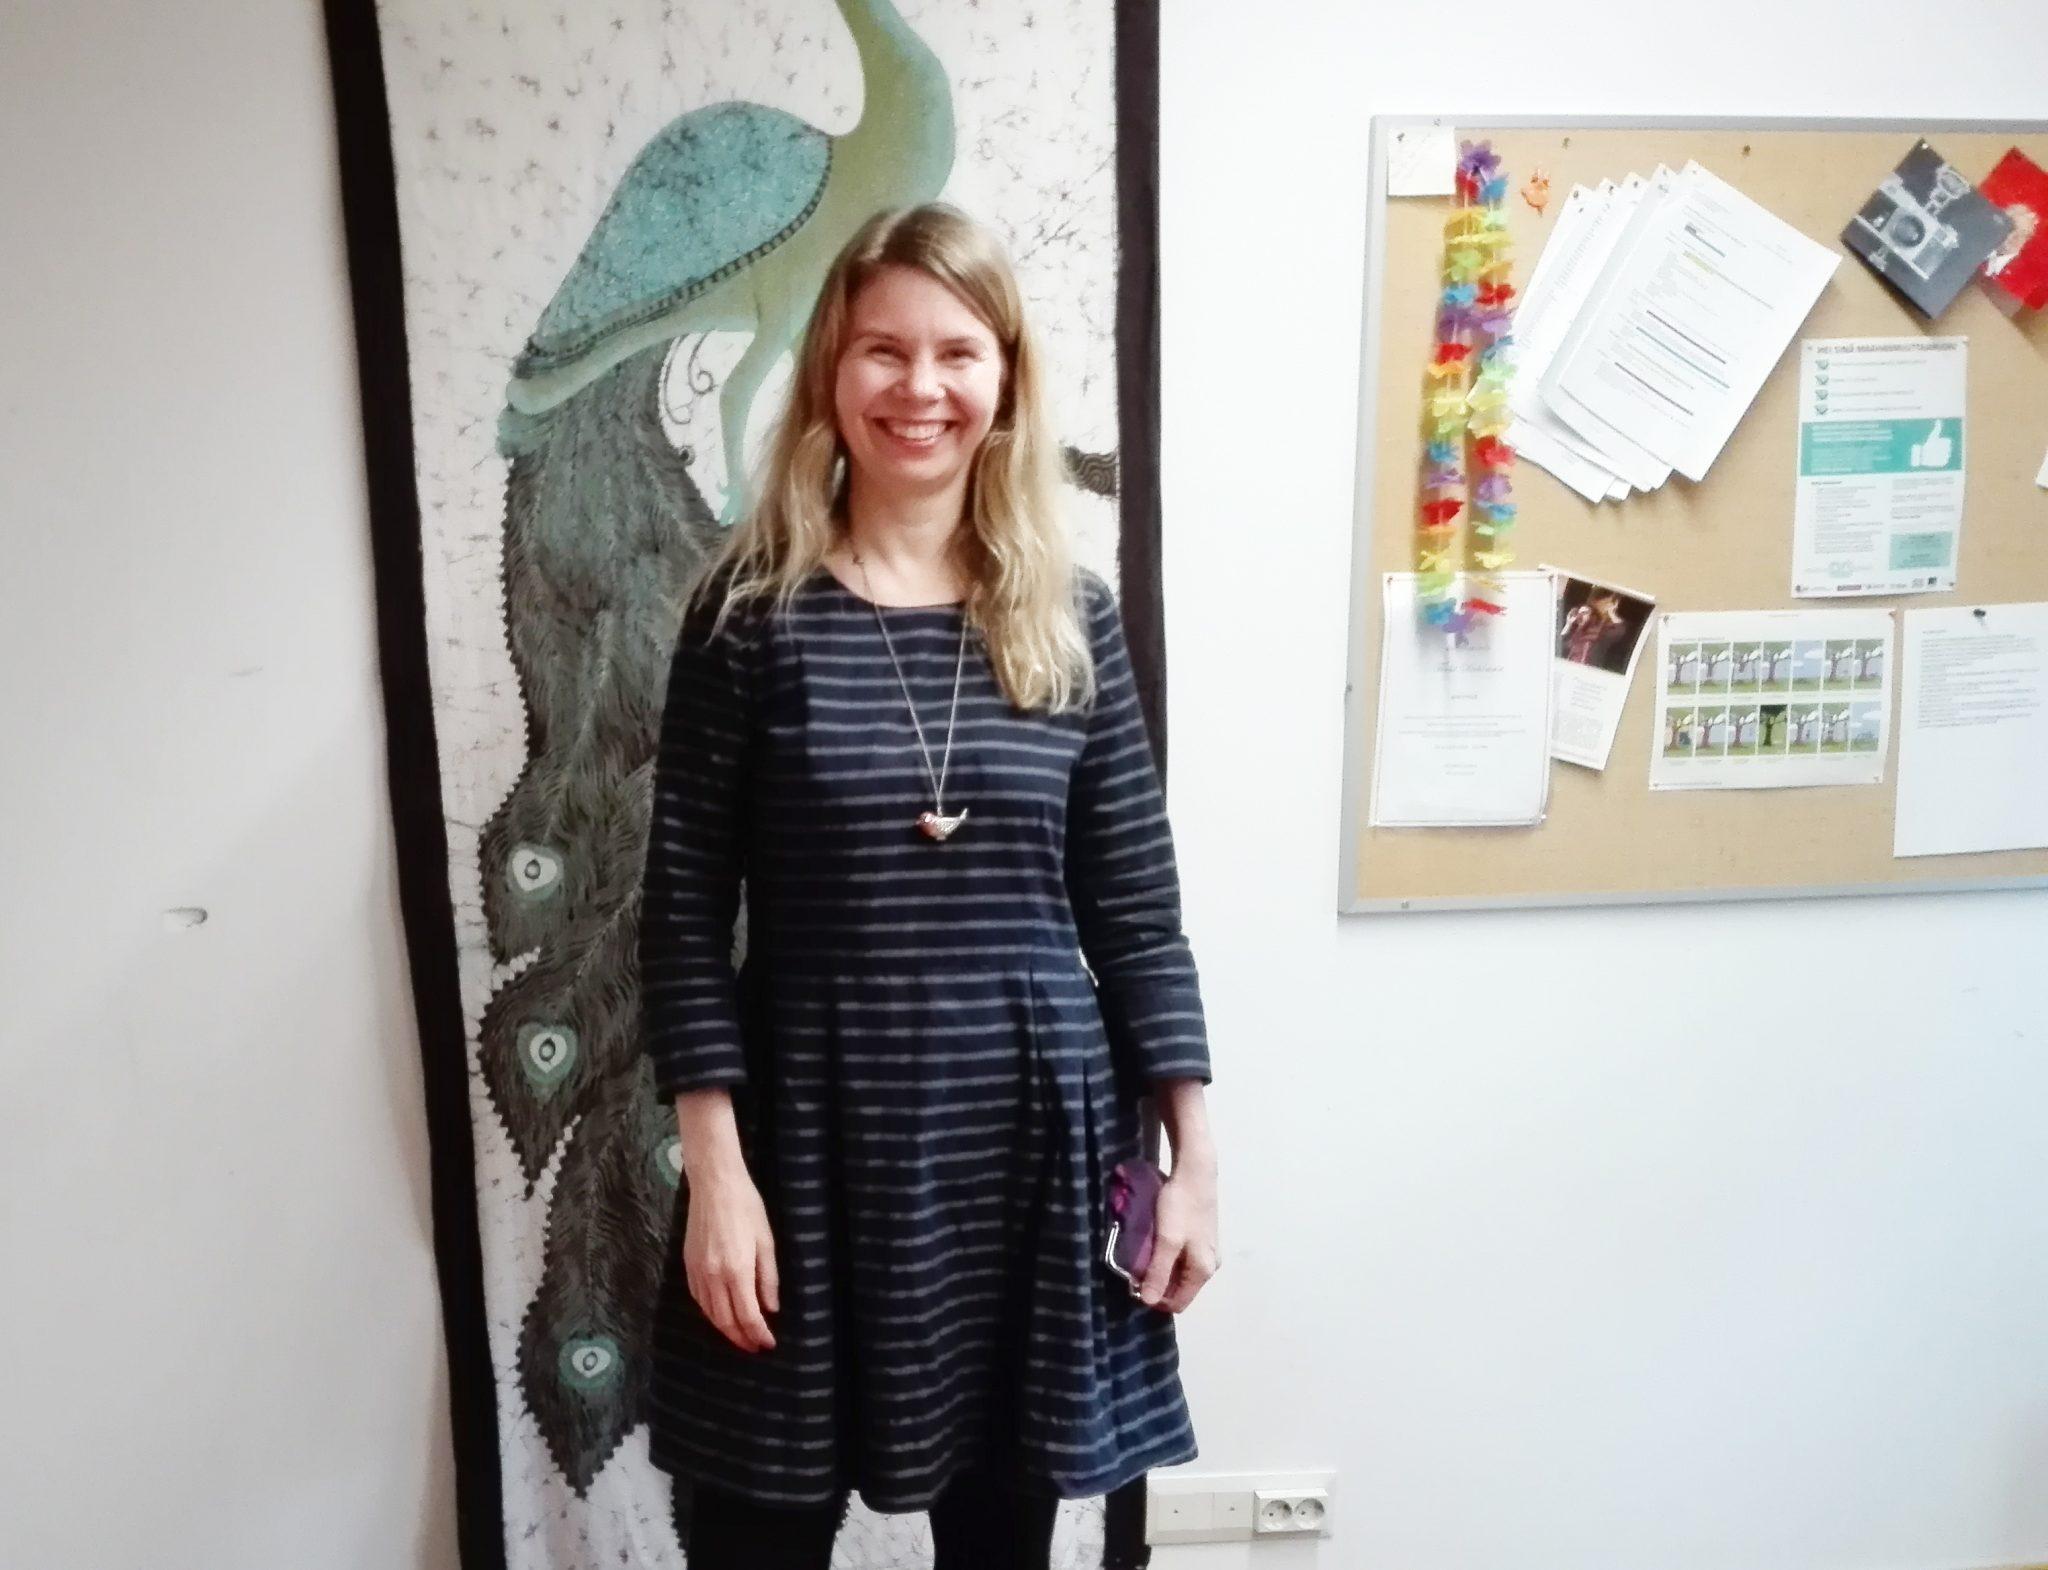 Minna Halmetoja opiskelee kulttuurituotannon monimuotokoulutuksessa